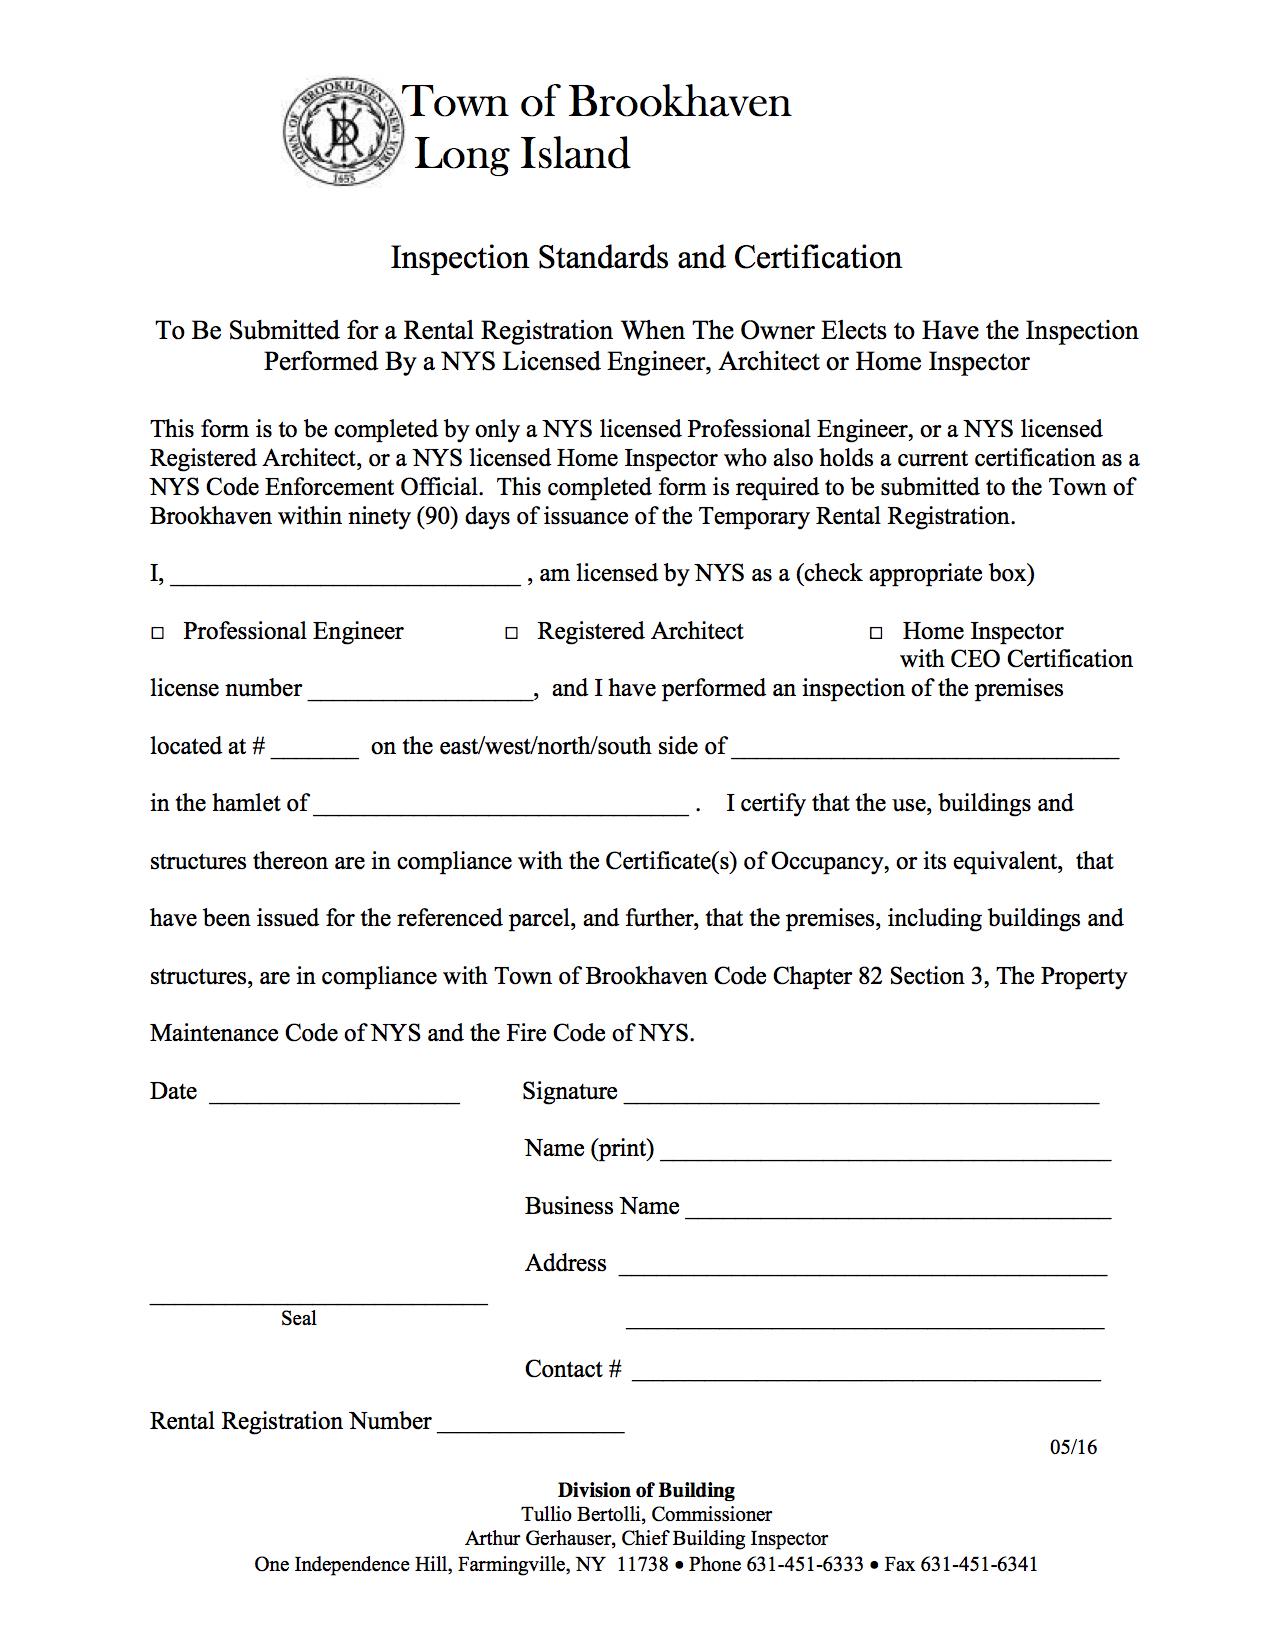 Sample Resume For An Entry Level Civil Engineer Monster Com Sample Resume  For An Entry Level Civil Engineer Tuv Functional Safety Engineer Training